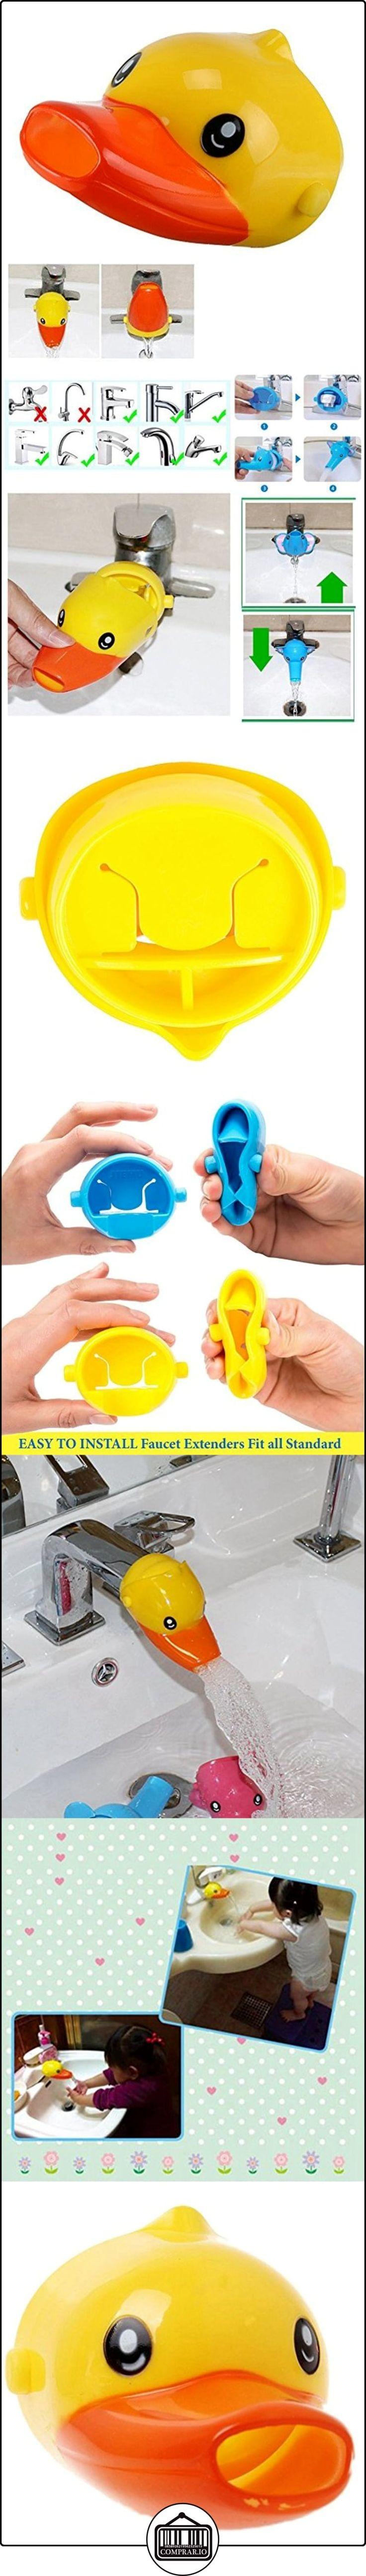 Goldore Baby Niños de dibujos animados para niños grifo Extender el lavado de manos del ayudante, Pato amarillo  ✿ Seguridad para tu bebé - (Protege a tus hijos) ✿ ▬► Ver oferta: http://comprar.io/goto/B01M1FOCN8